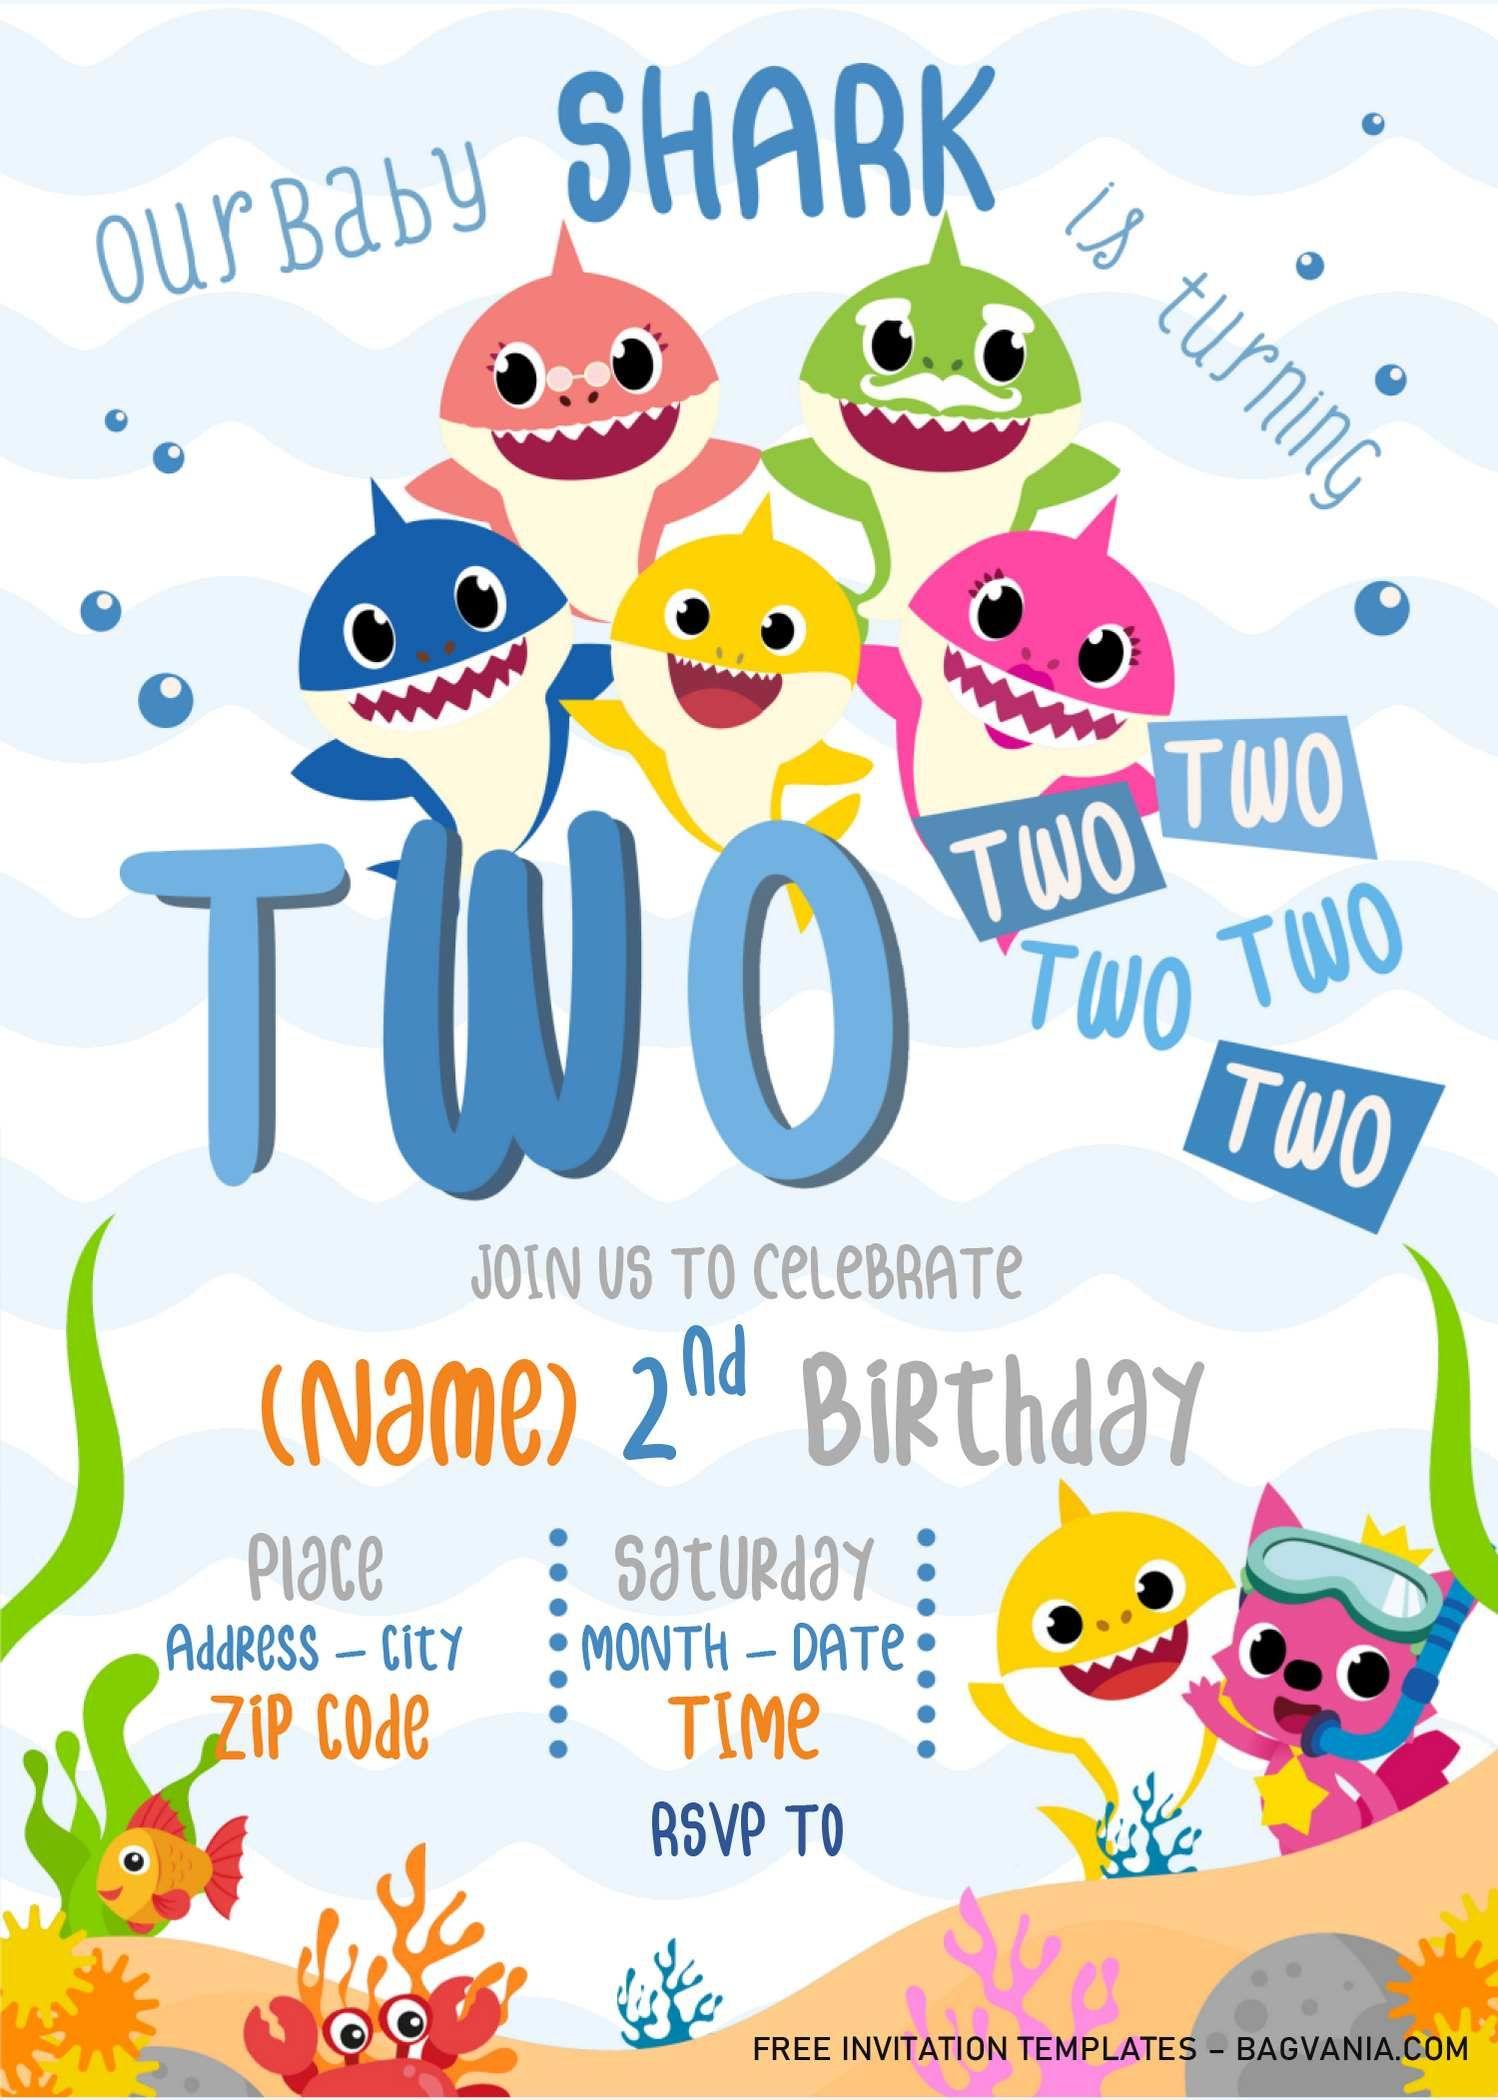 Baby Shark Birthday Invitation Templates Editable With Microsoft Word Shark Birthday Invitations Shark Theme Birthday Shark Birthday Party Invitation